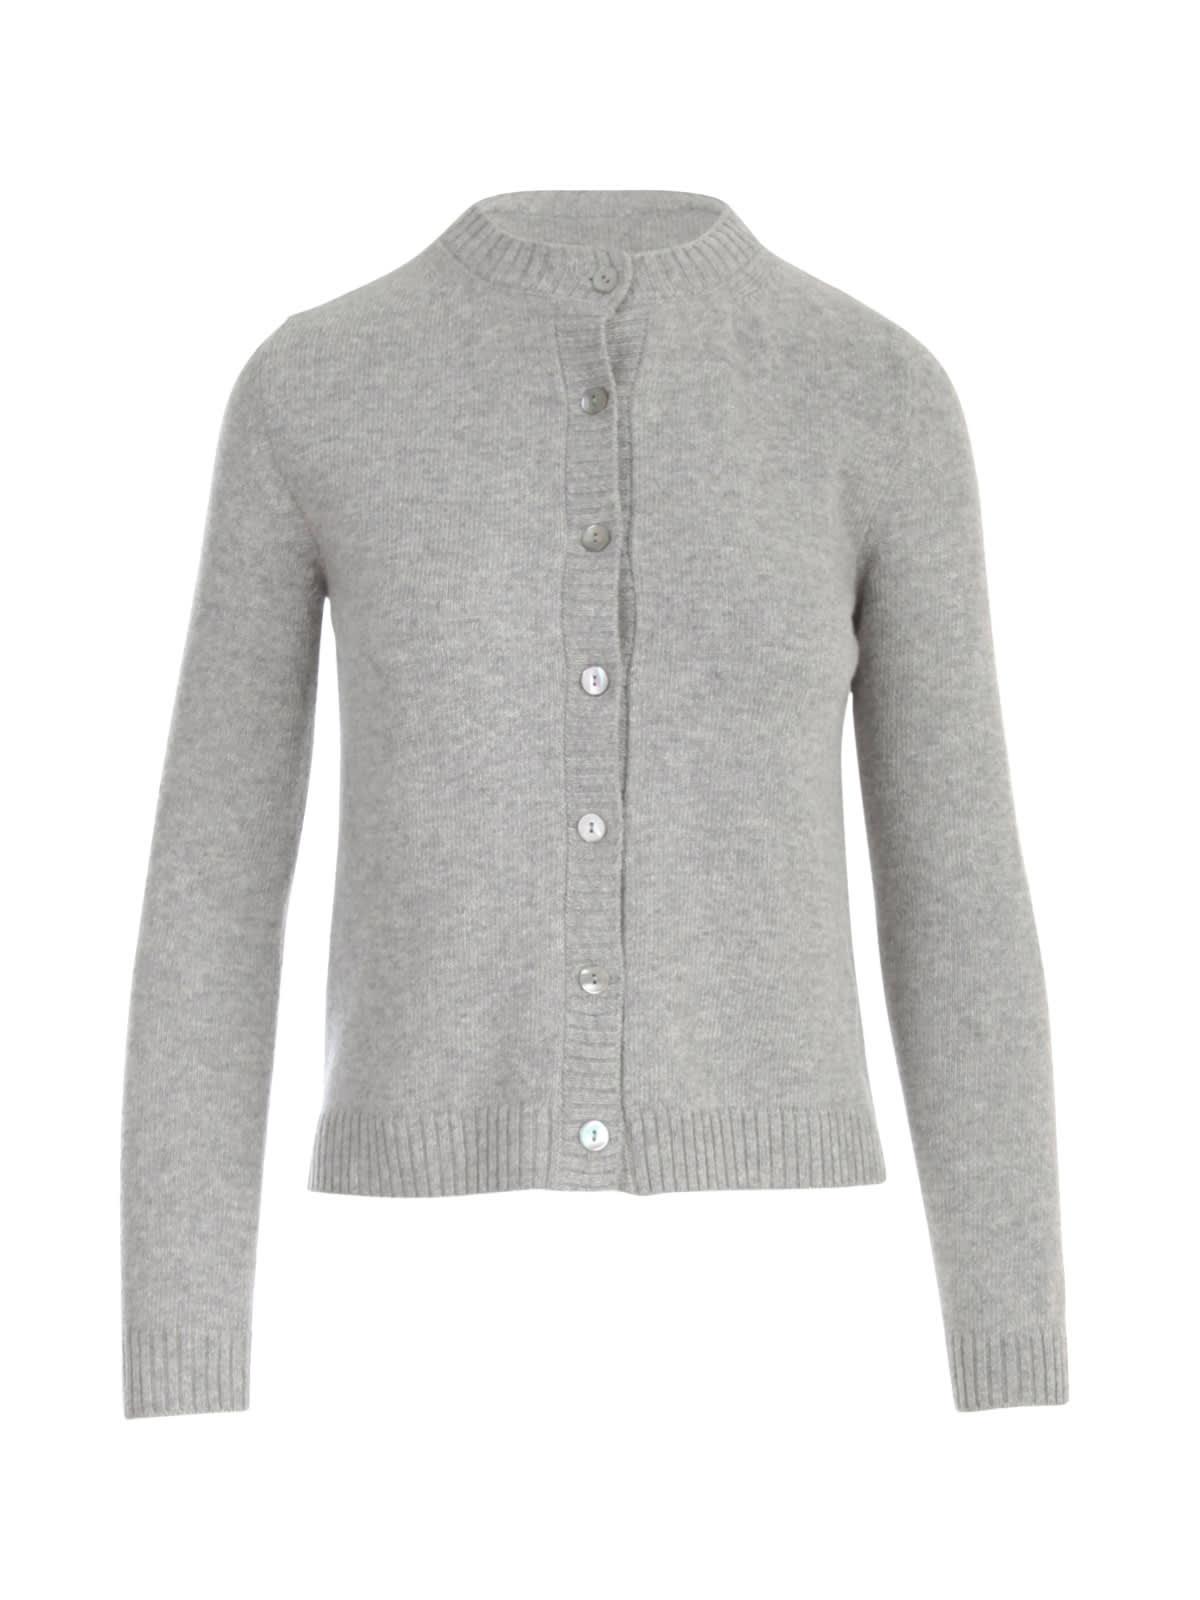 Ribbed Korean Sweater